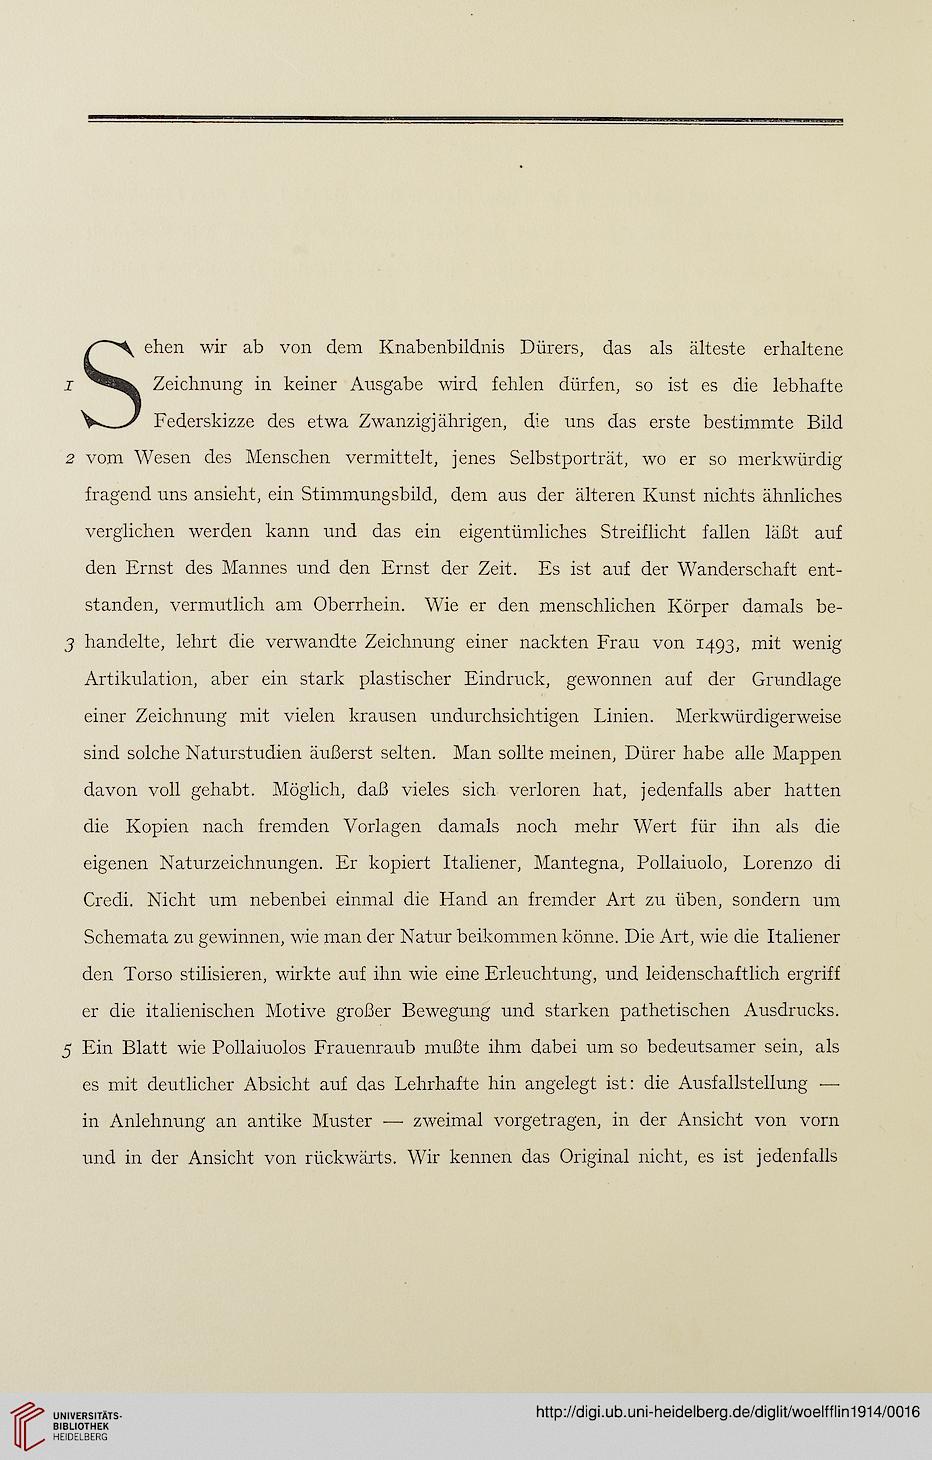 Wölfflin, Heinrich [Hrsg.]; Dürer, Albrecht [Ill.]: Handzeichnungen ...